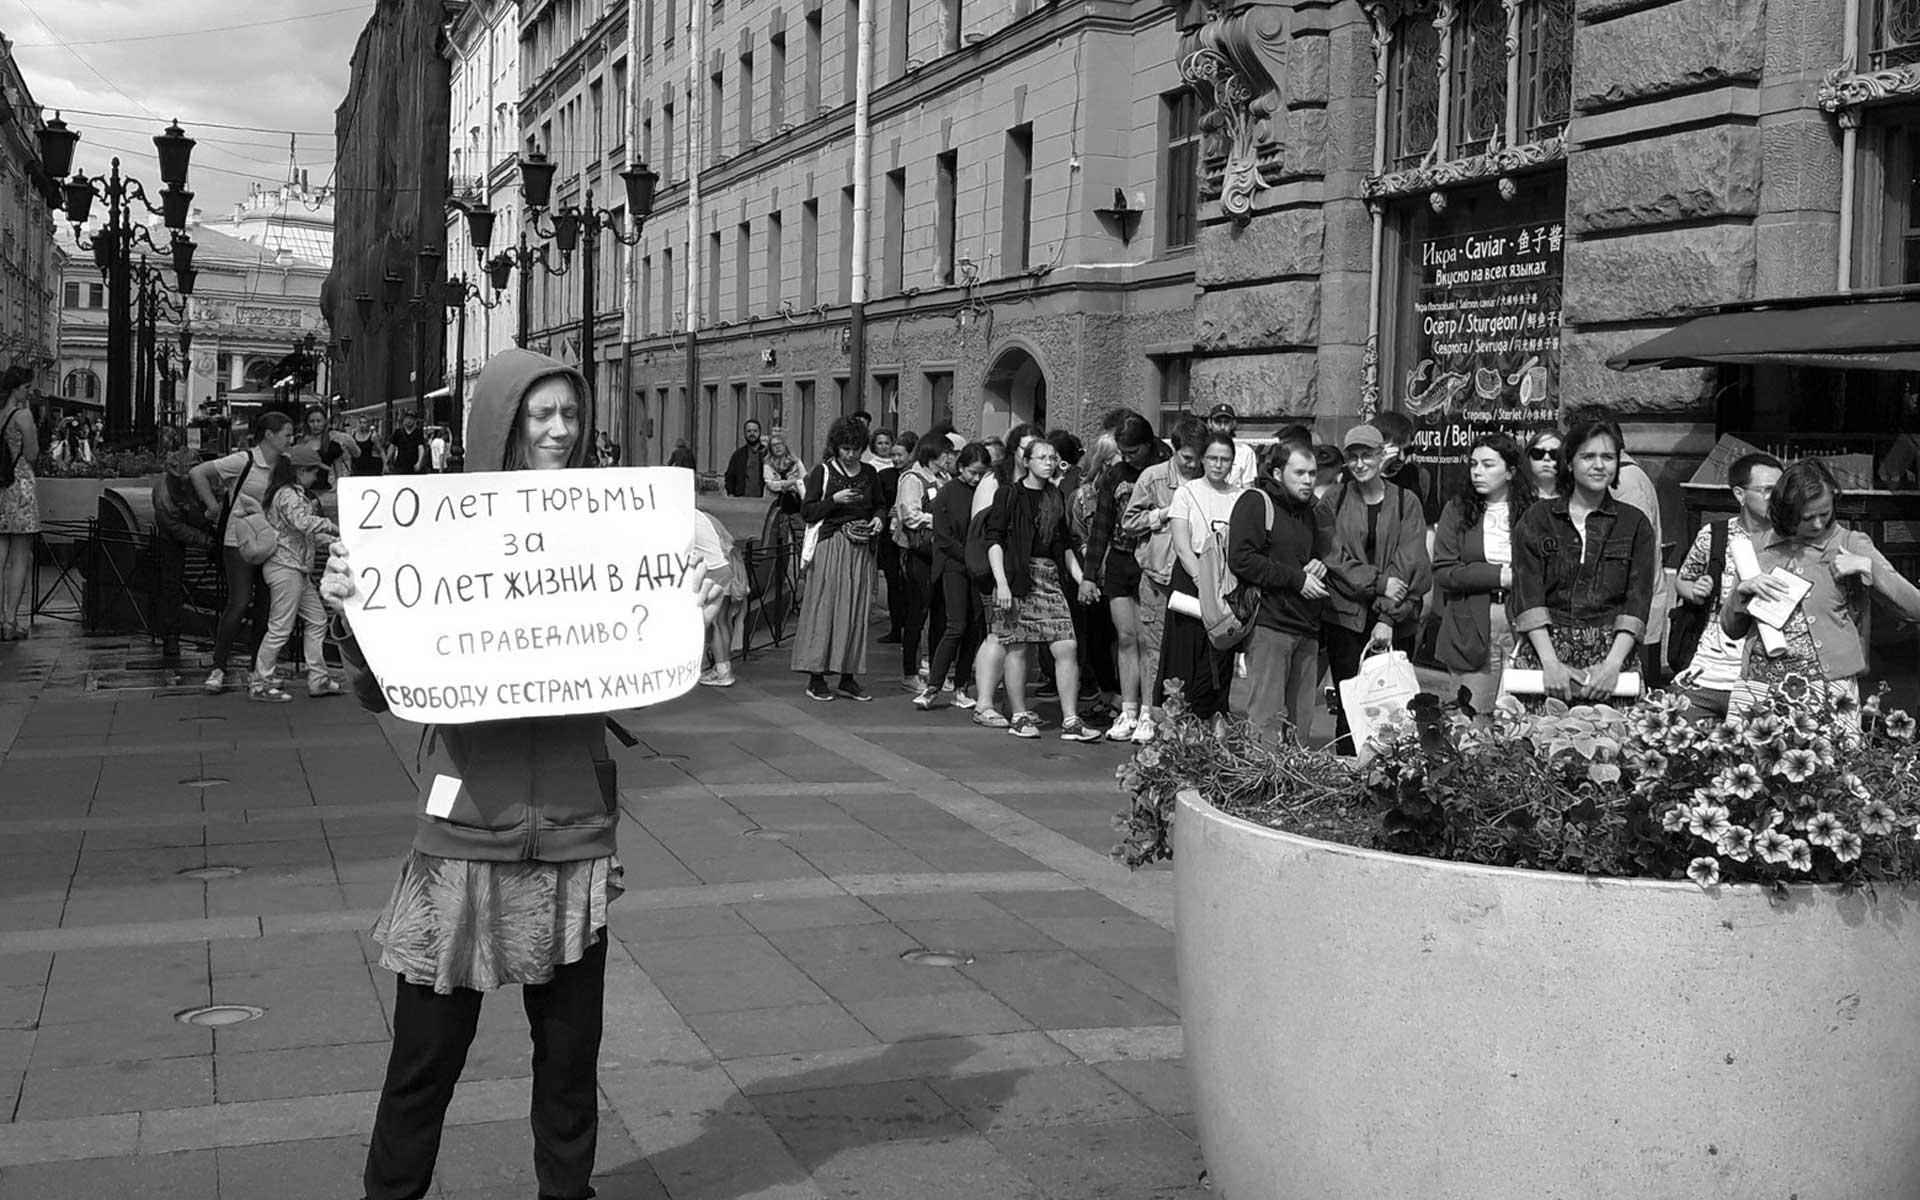 Женщина держит плакат снадписью: «20 лет тюрьмы за20 лет жизни ваду — это правда? Свобода сестрам Хачатурянам», Санкт-Петербург, Россия, суббота, 22 июня 2019 года